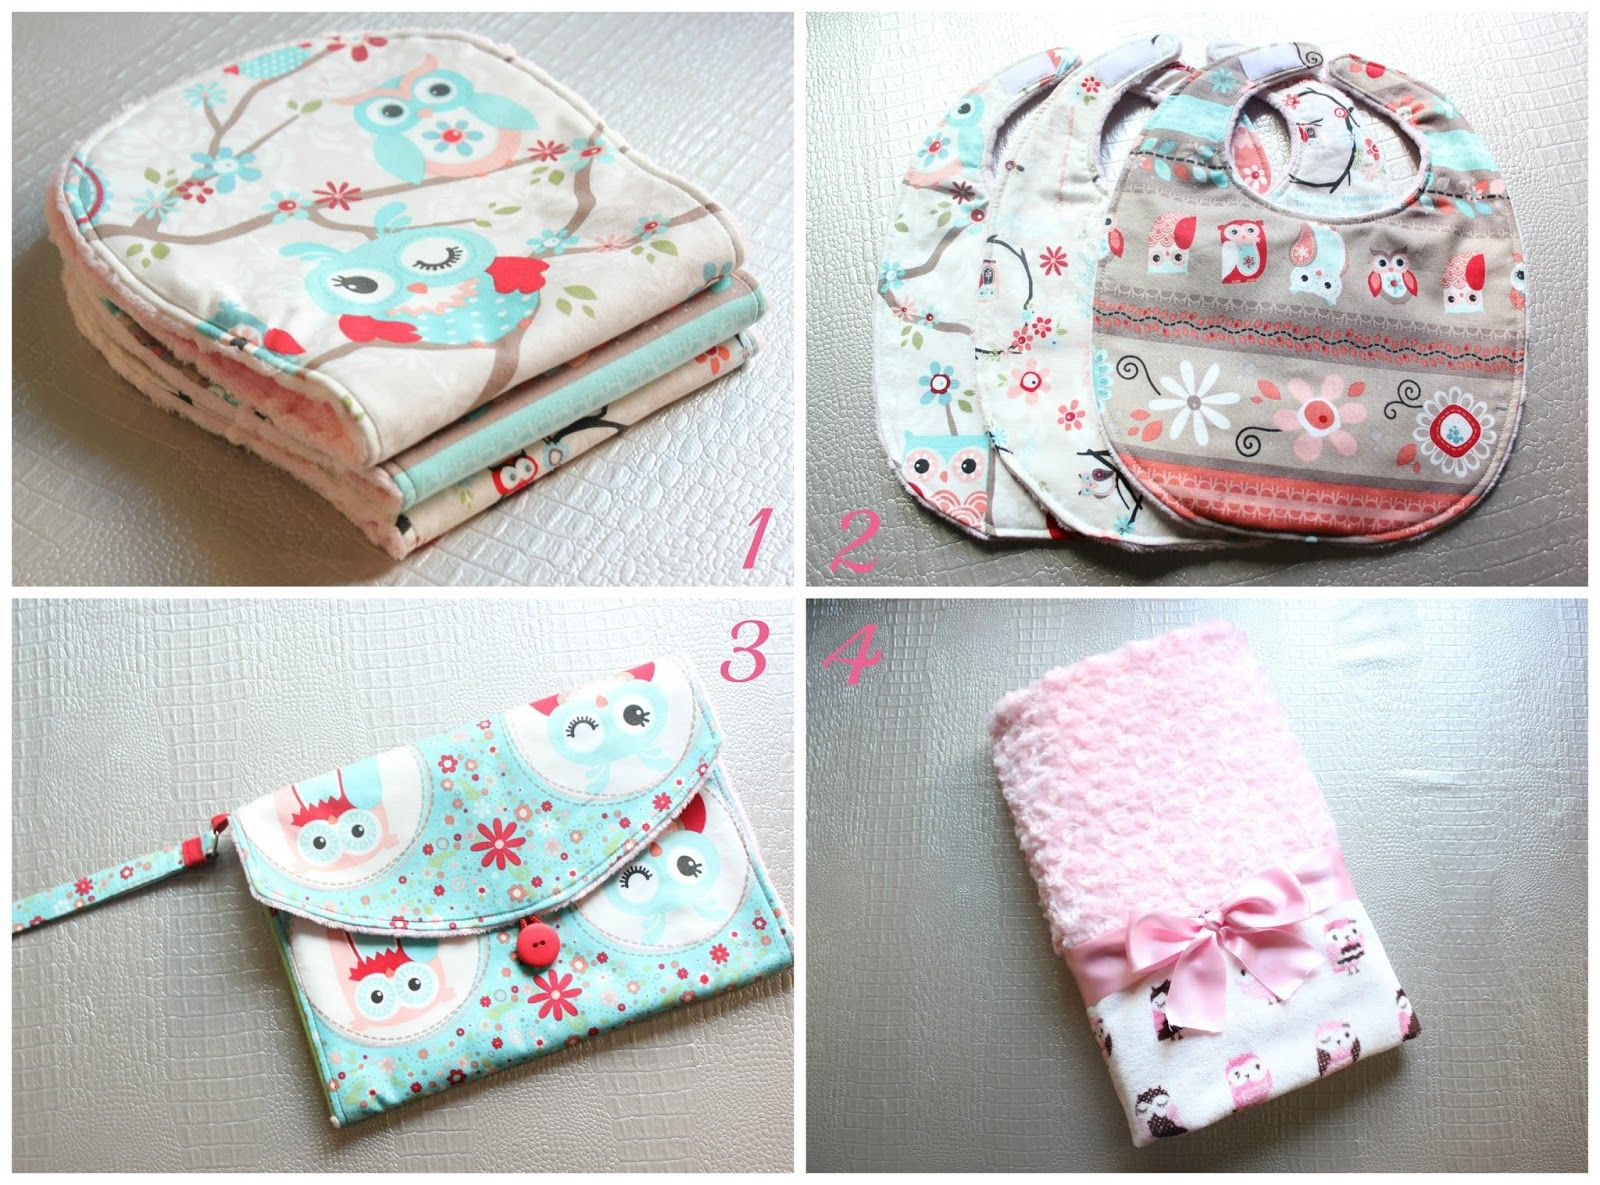 Ideas manuales llenas de encanto para regalar a un beb - Ideas regalos manuales ...